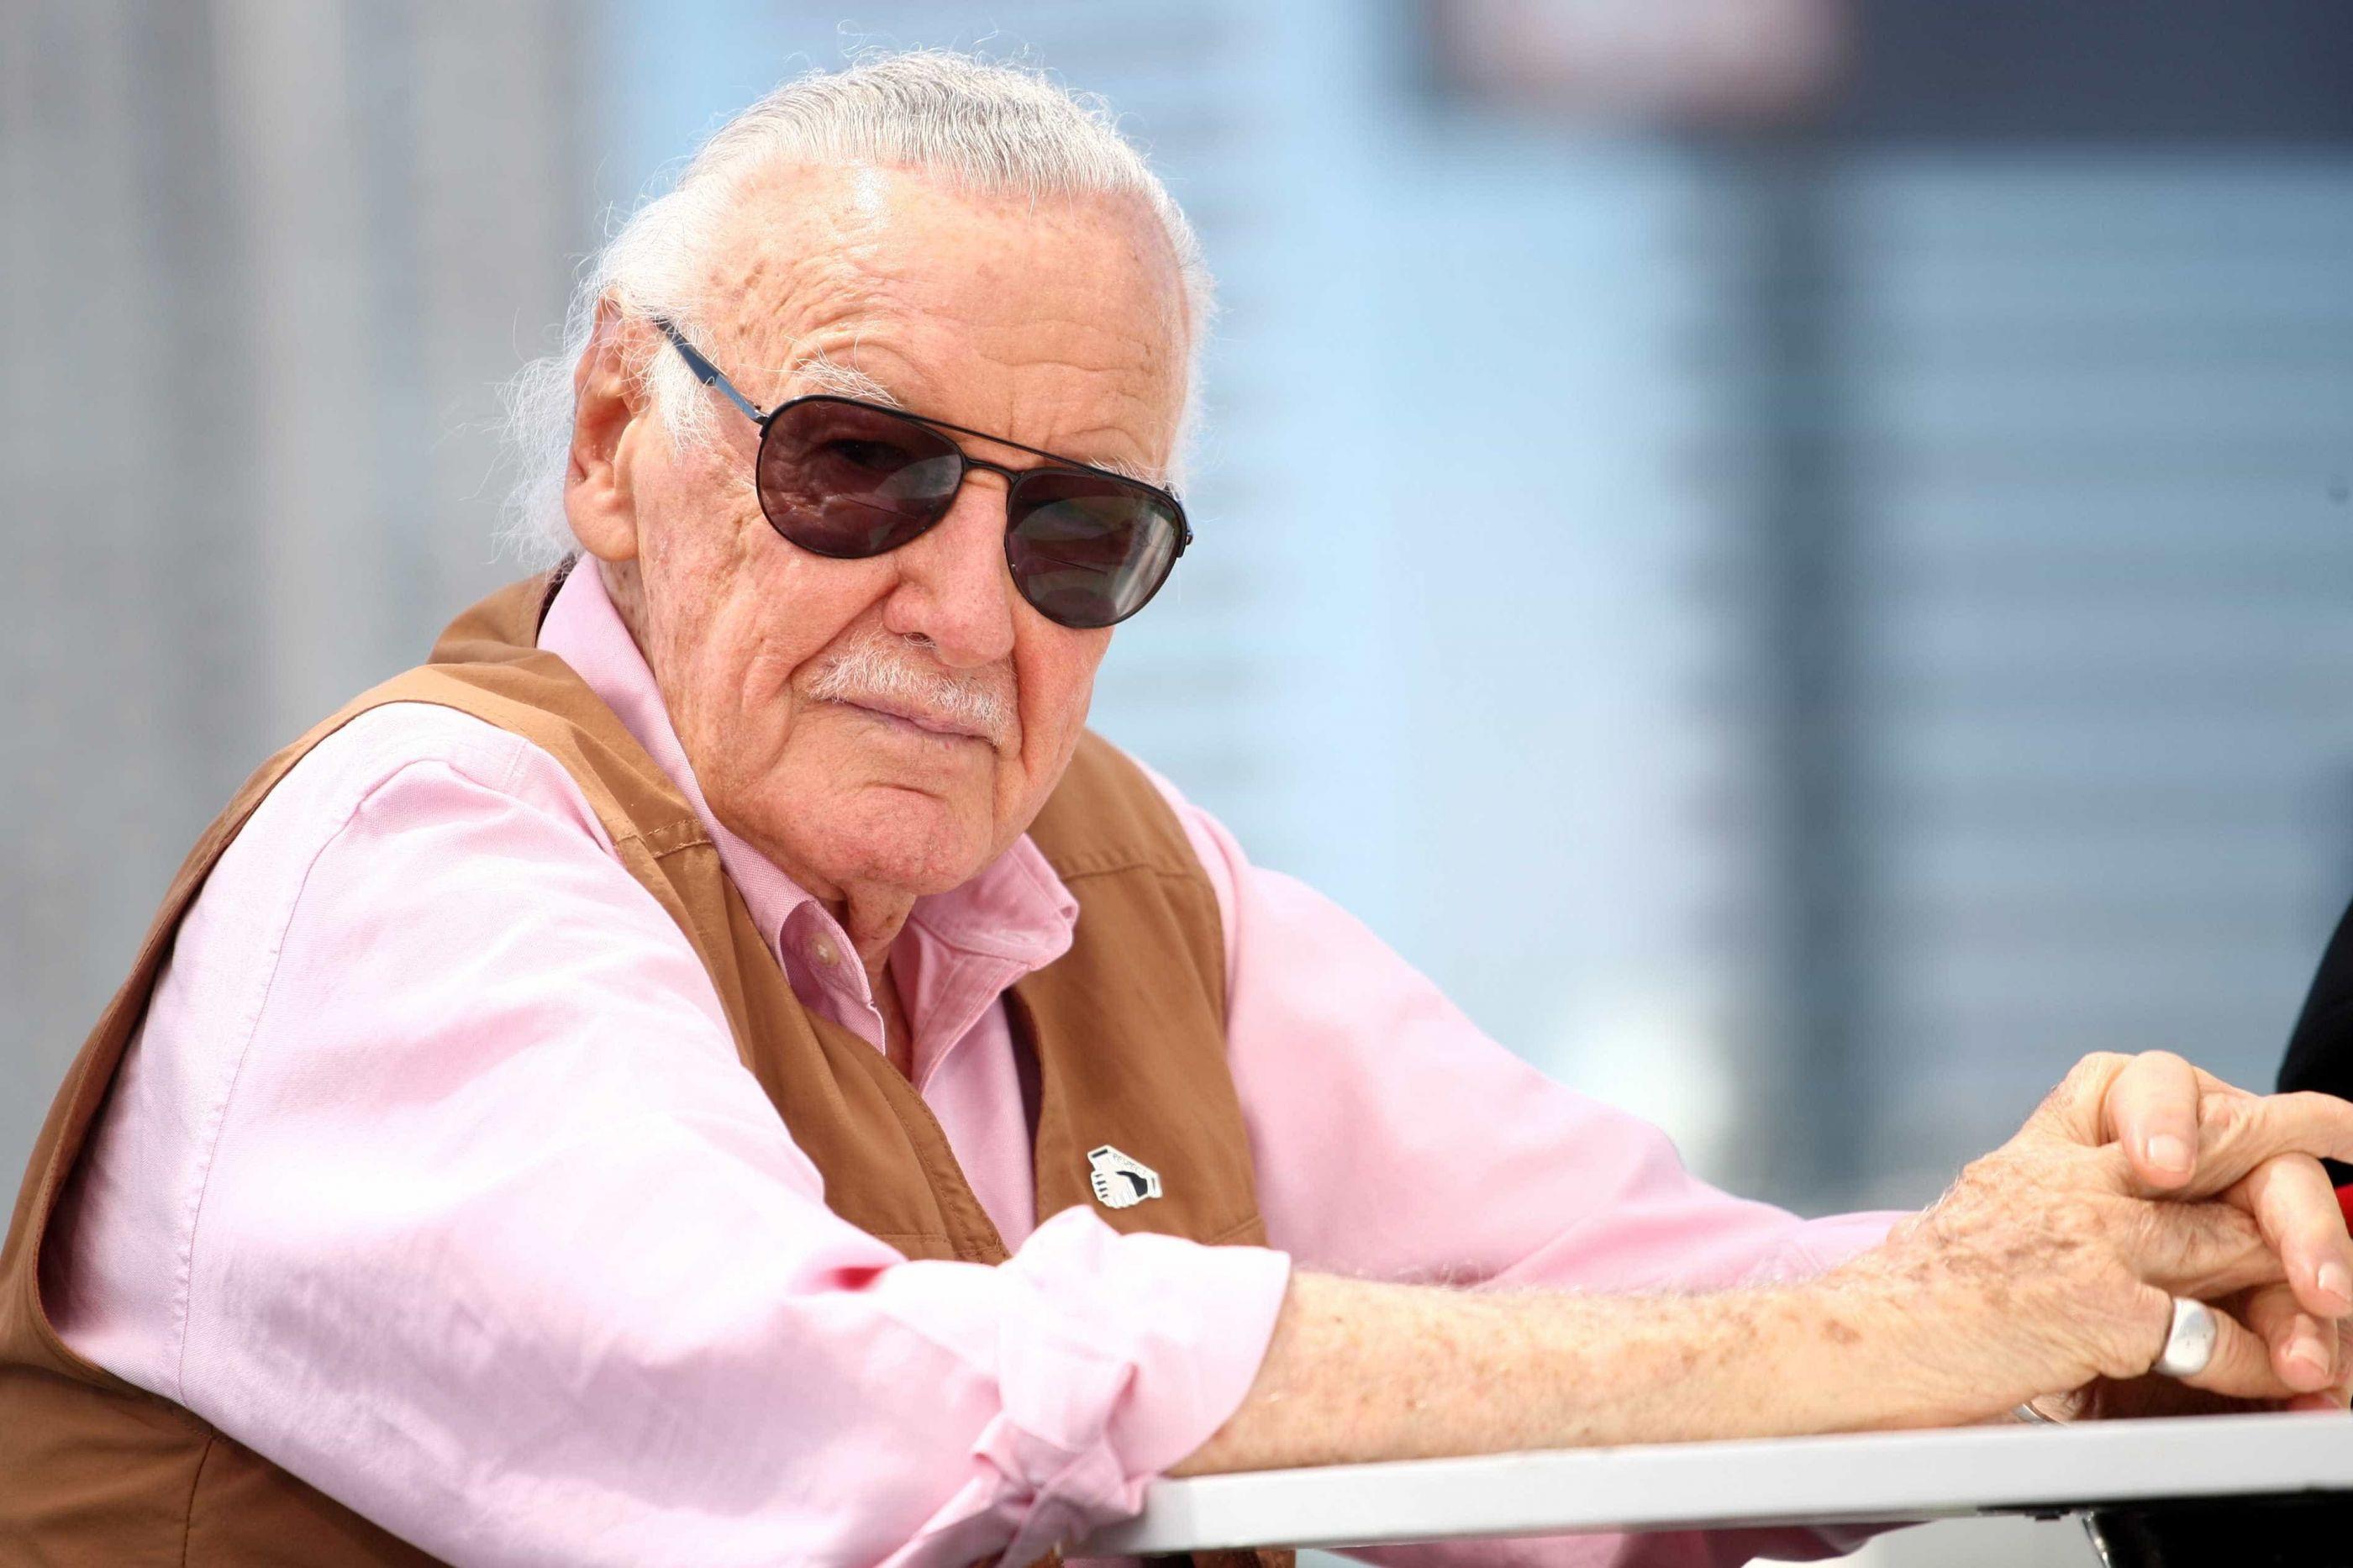 Revelada causa da morte de Stan Lee, o criador de super-heróis